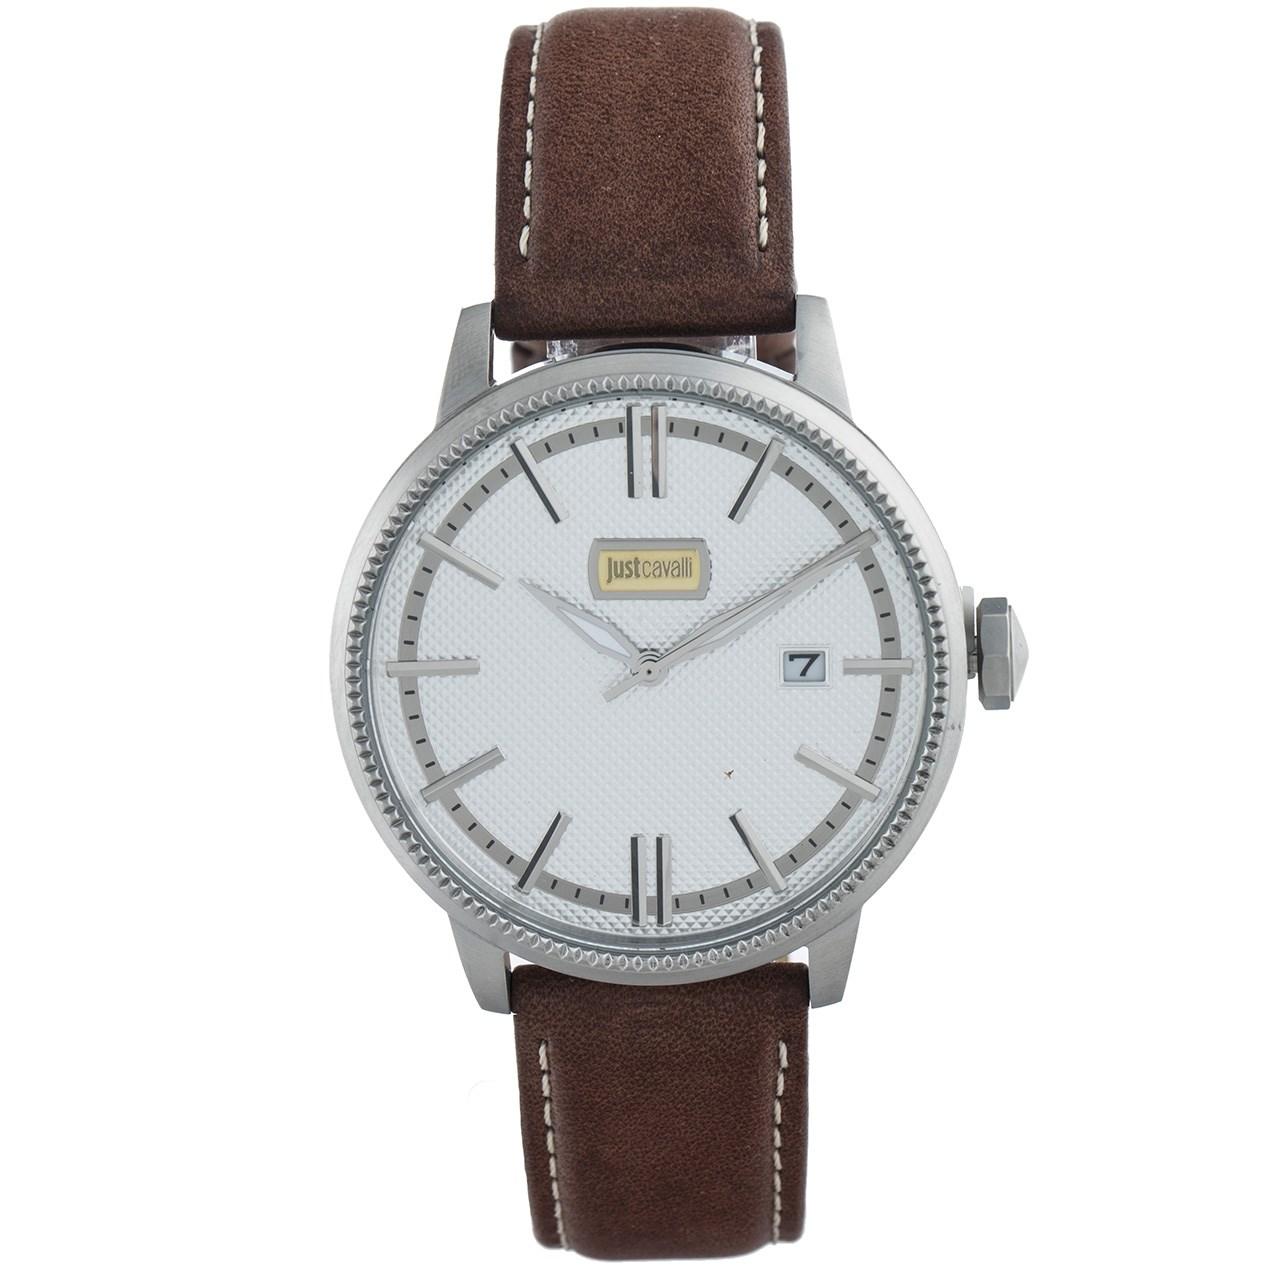 ساعت مچی عقربه ای مردانه جاست کاوالی مدل JC1G018L0015 12